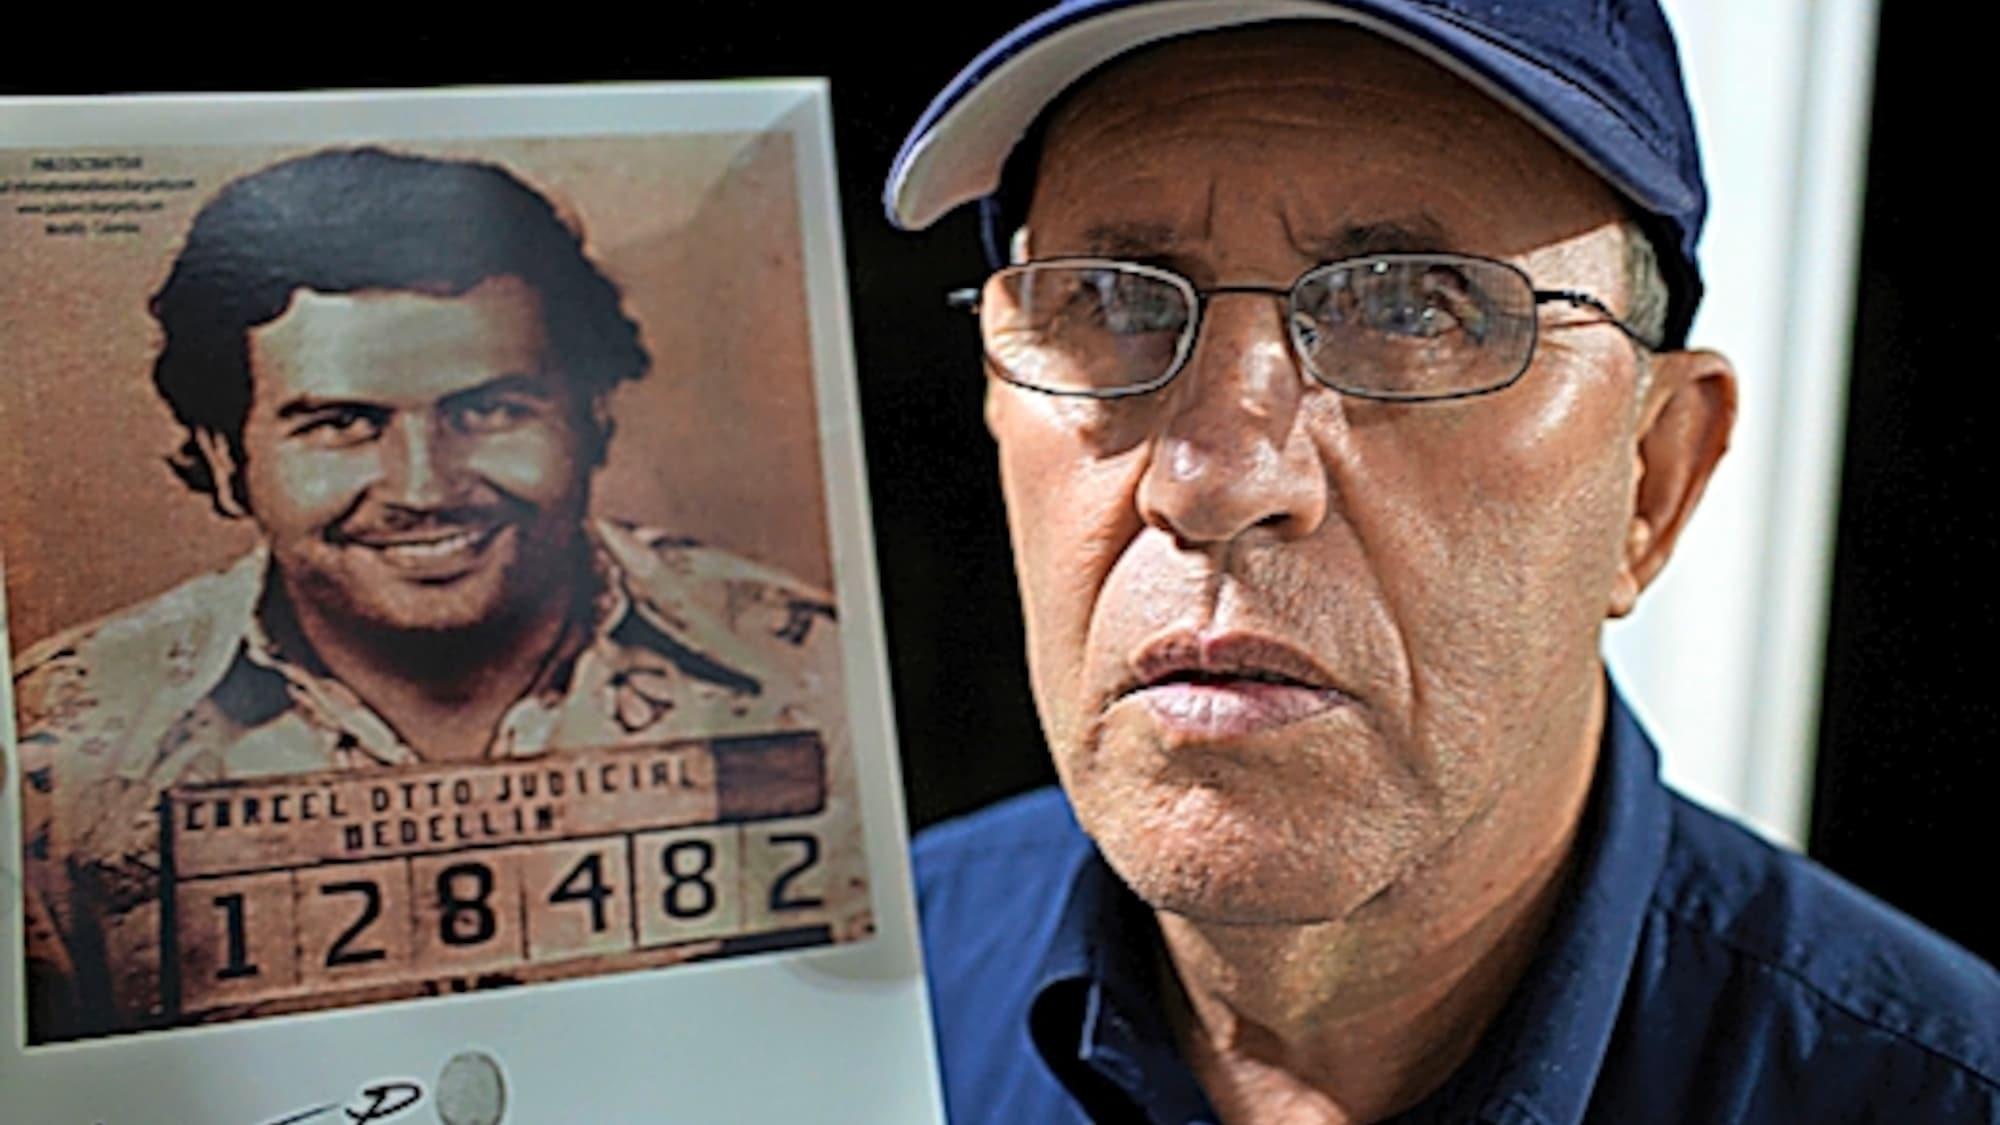 «Werde Apple besiegen»: Pablo Escobars Bruder verkauft jetzt faltbare Smartphones